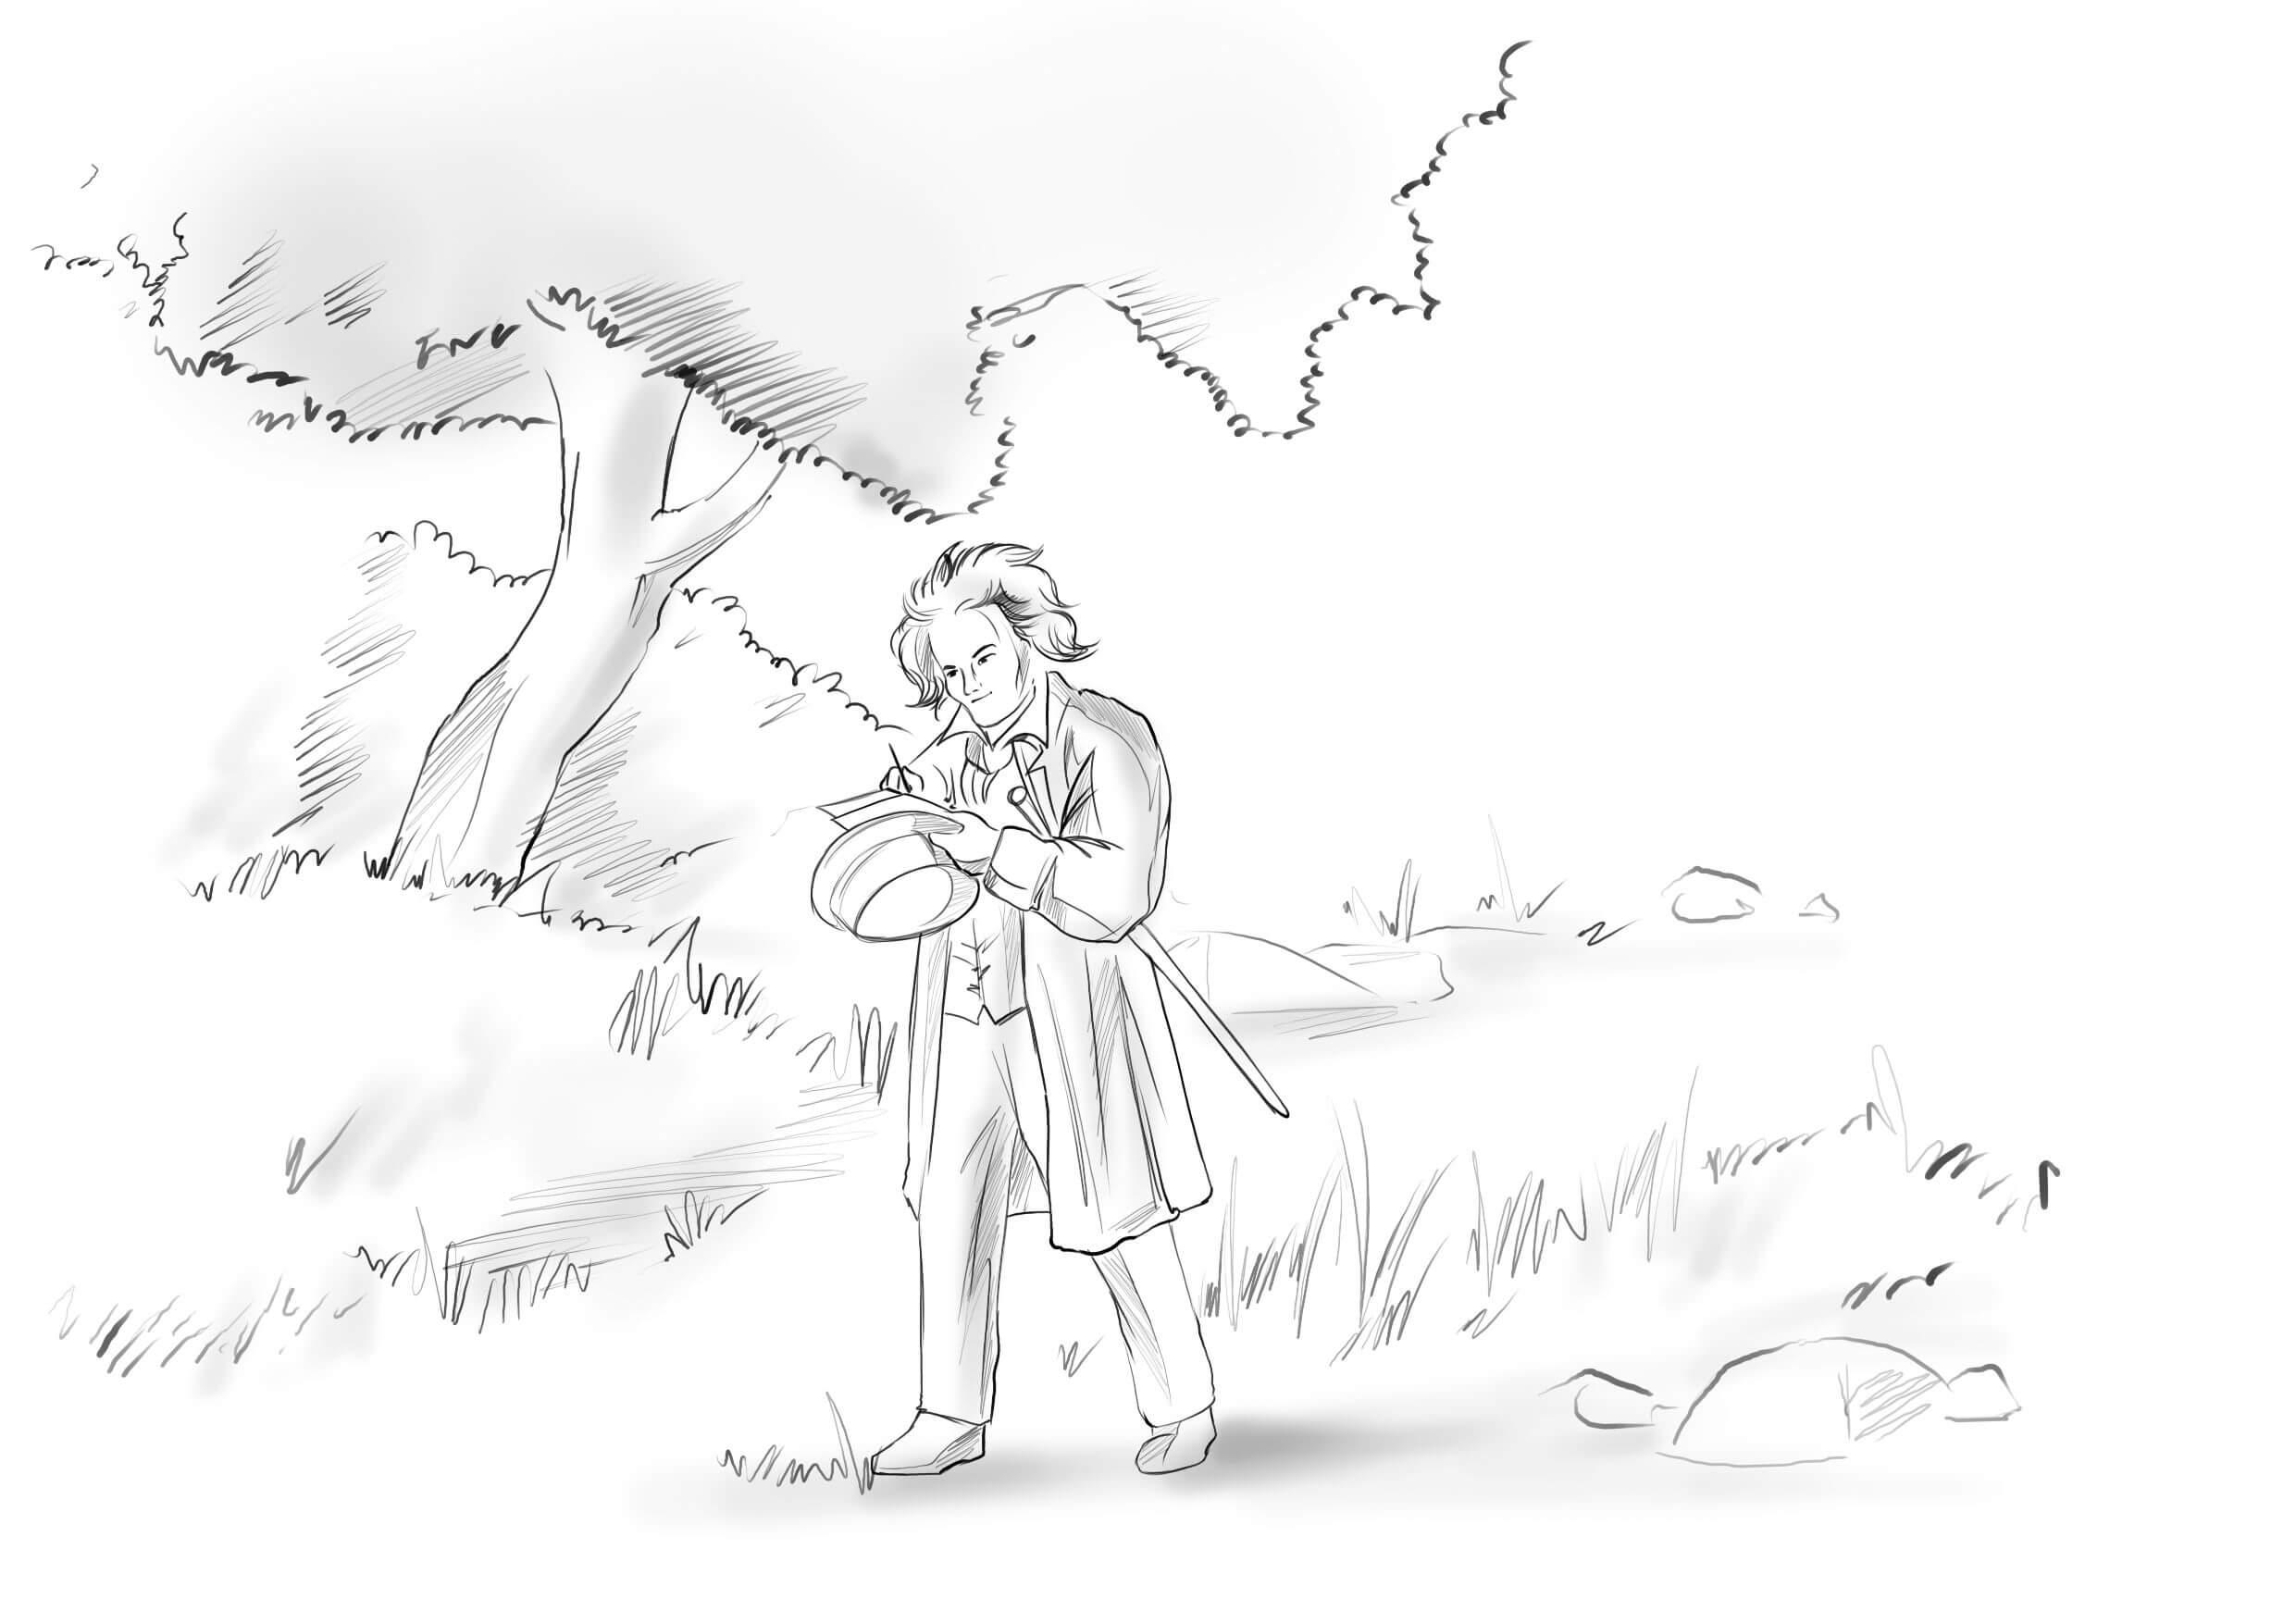 ALBERT EINSTEIN WALKING IN A PARK